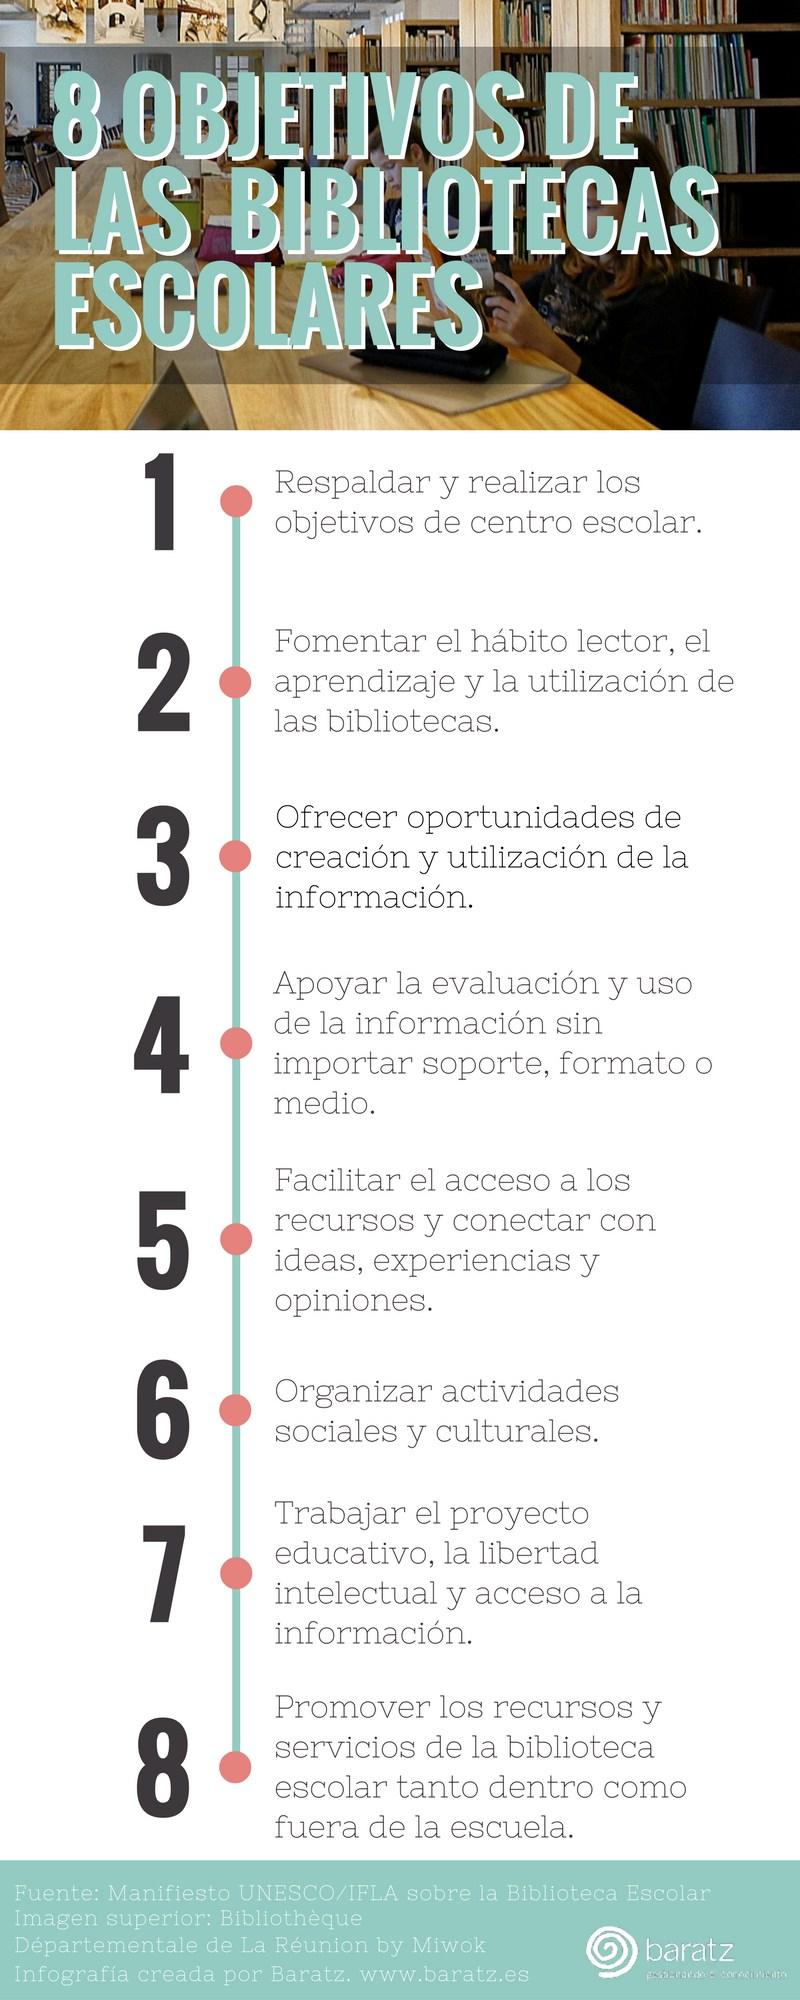 8 objetivos de las Bibliotecas Escolares